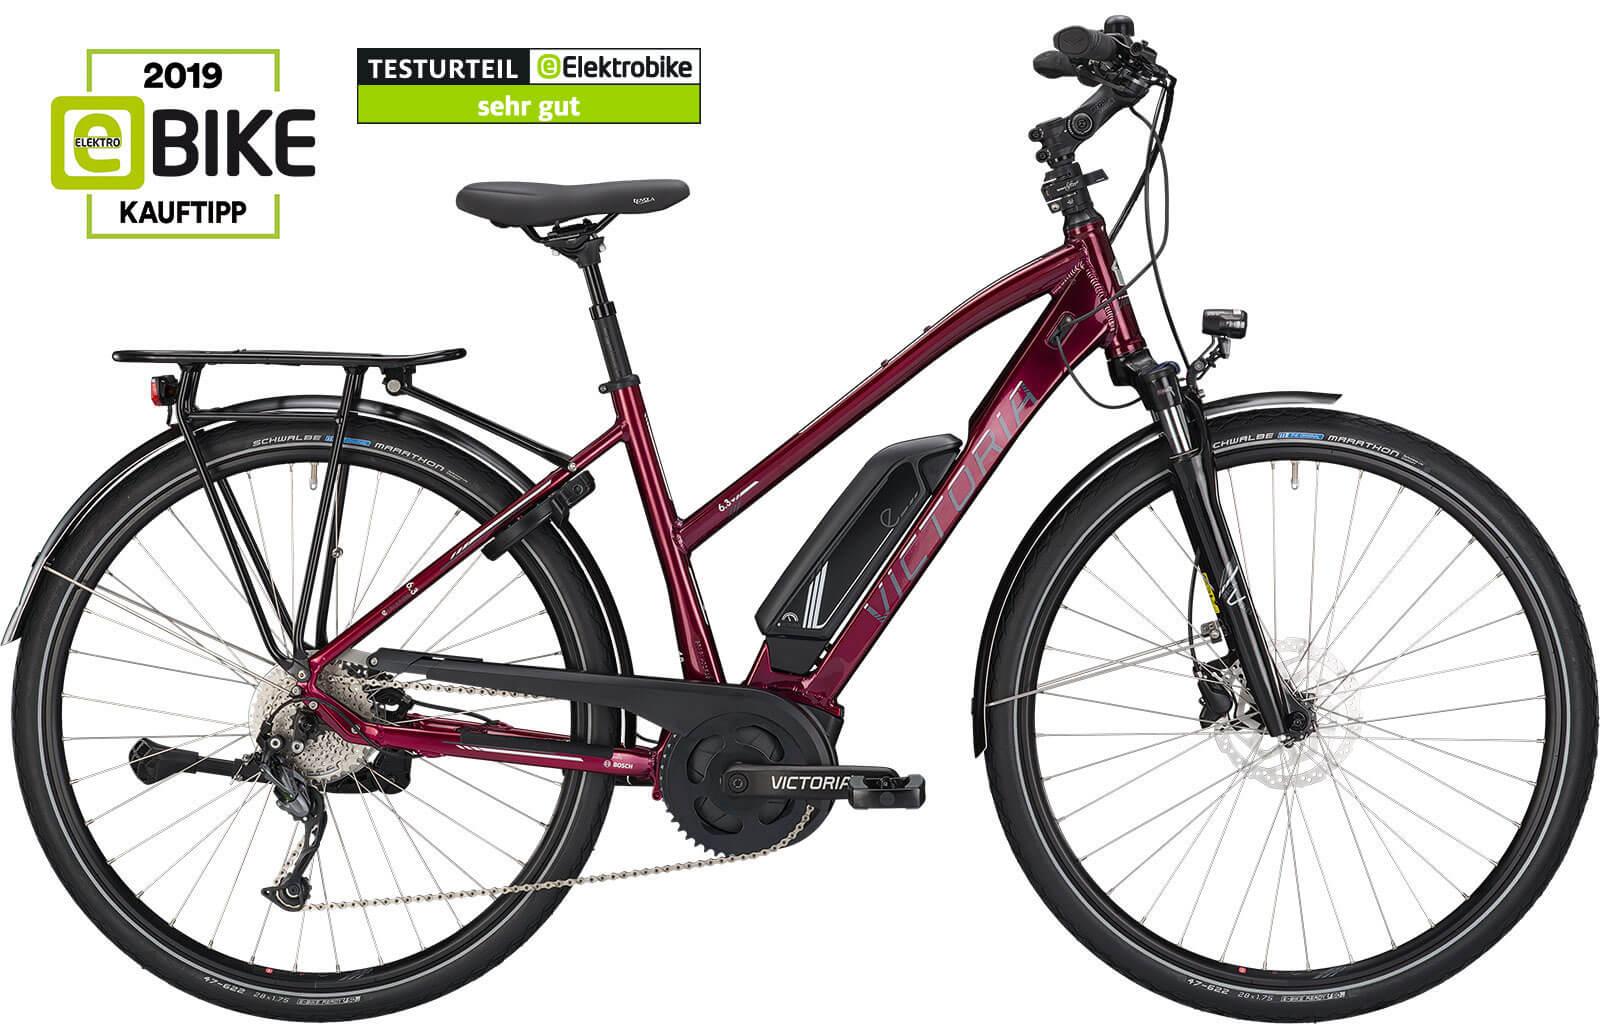 TREK fahrrad in 83395 Freilassing für € 300,00 zum Verkauf